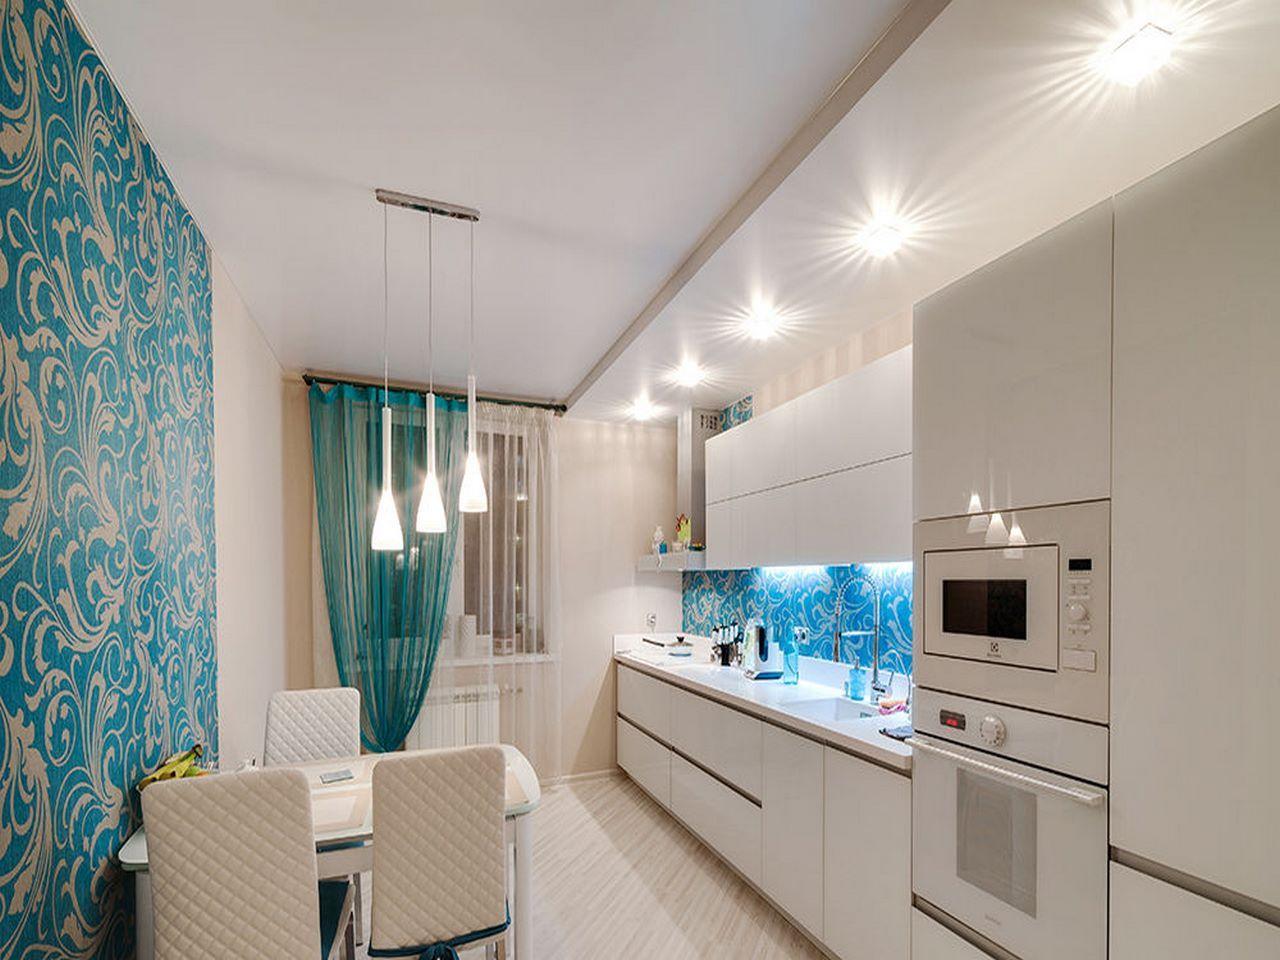 Сатиновый натяжной потолок в кухню 7,5 кв.м | Дизайн ...